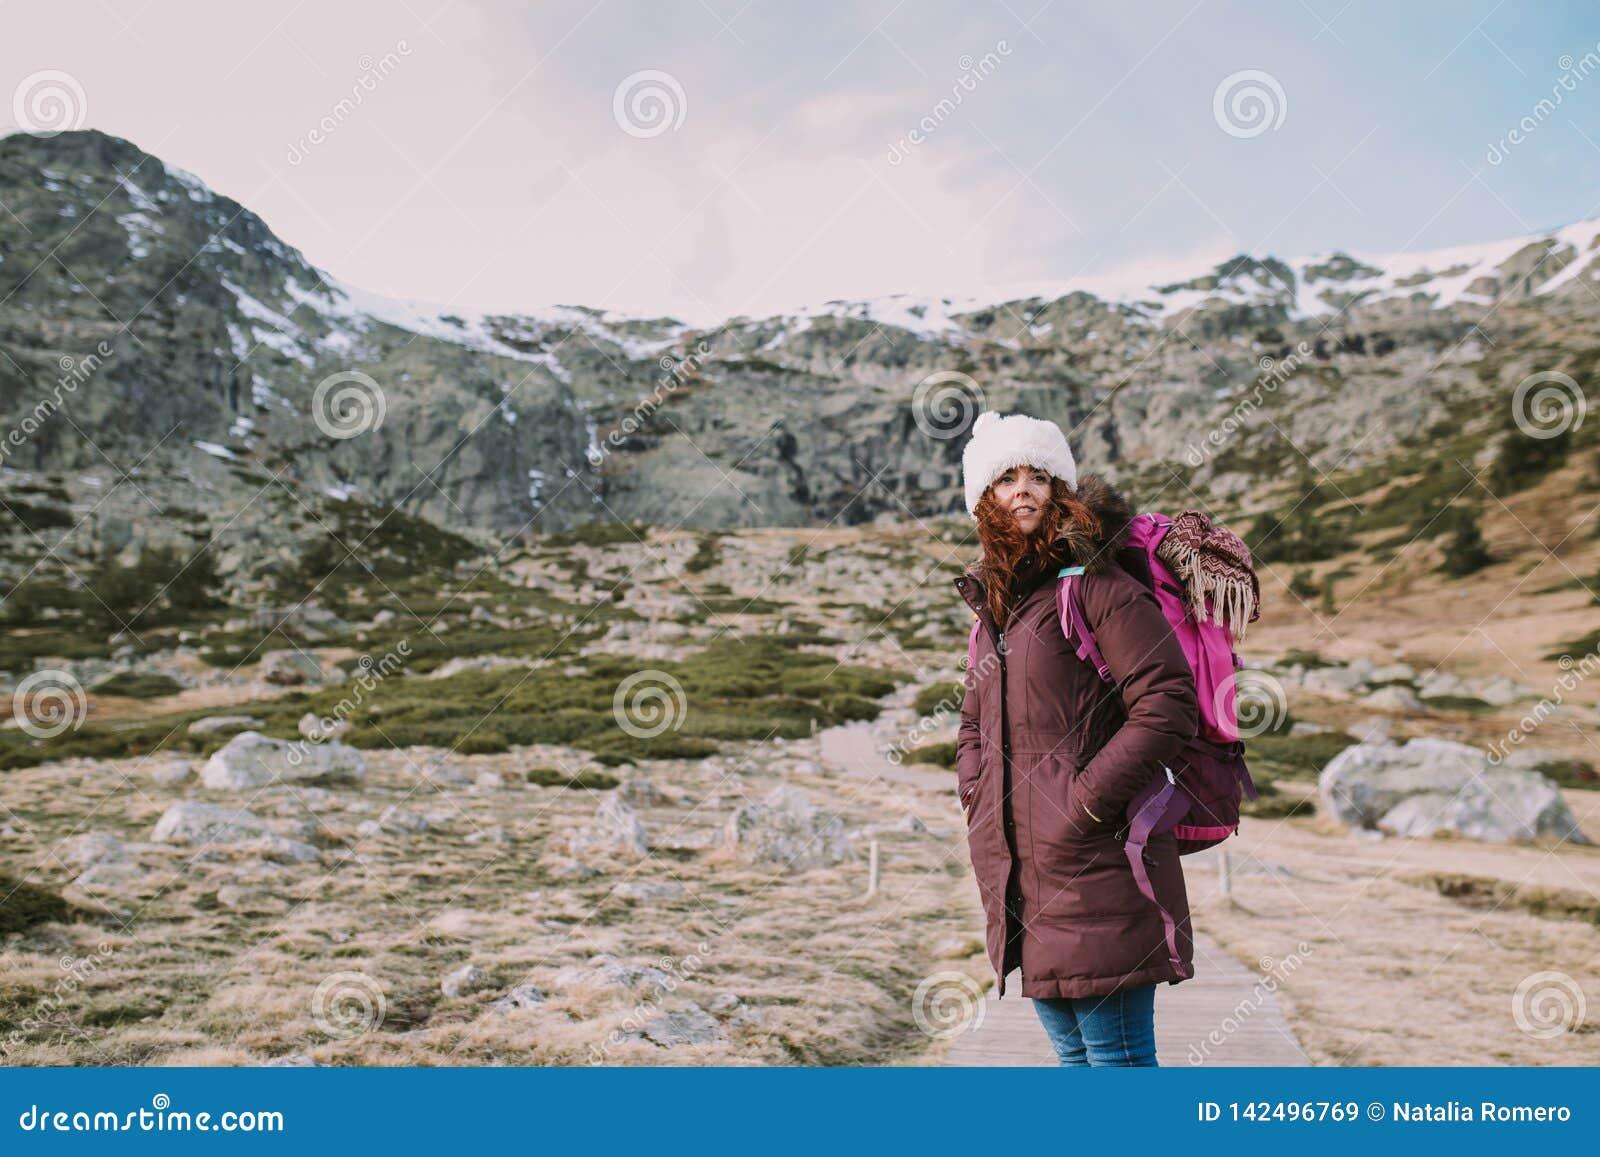 Junge Frau erwägt die schneebedeckten Berge